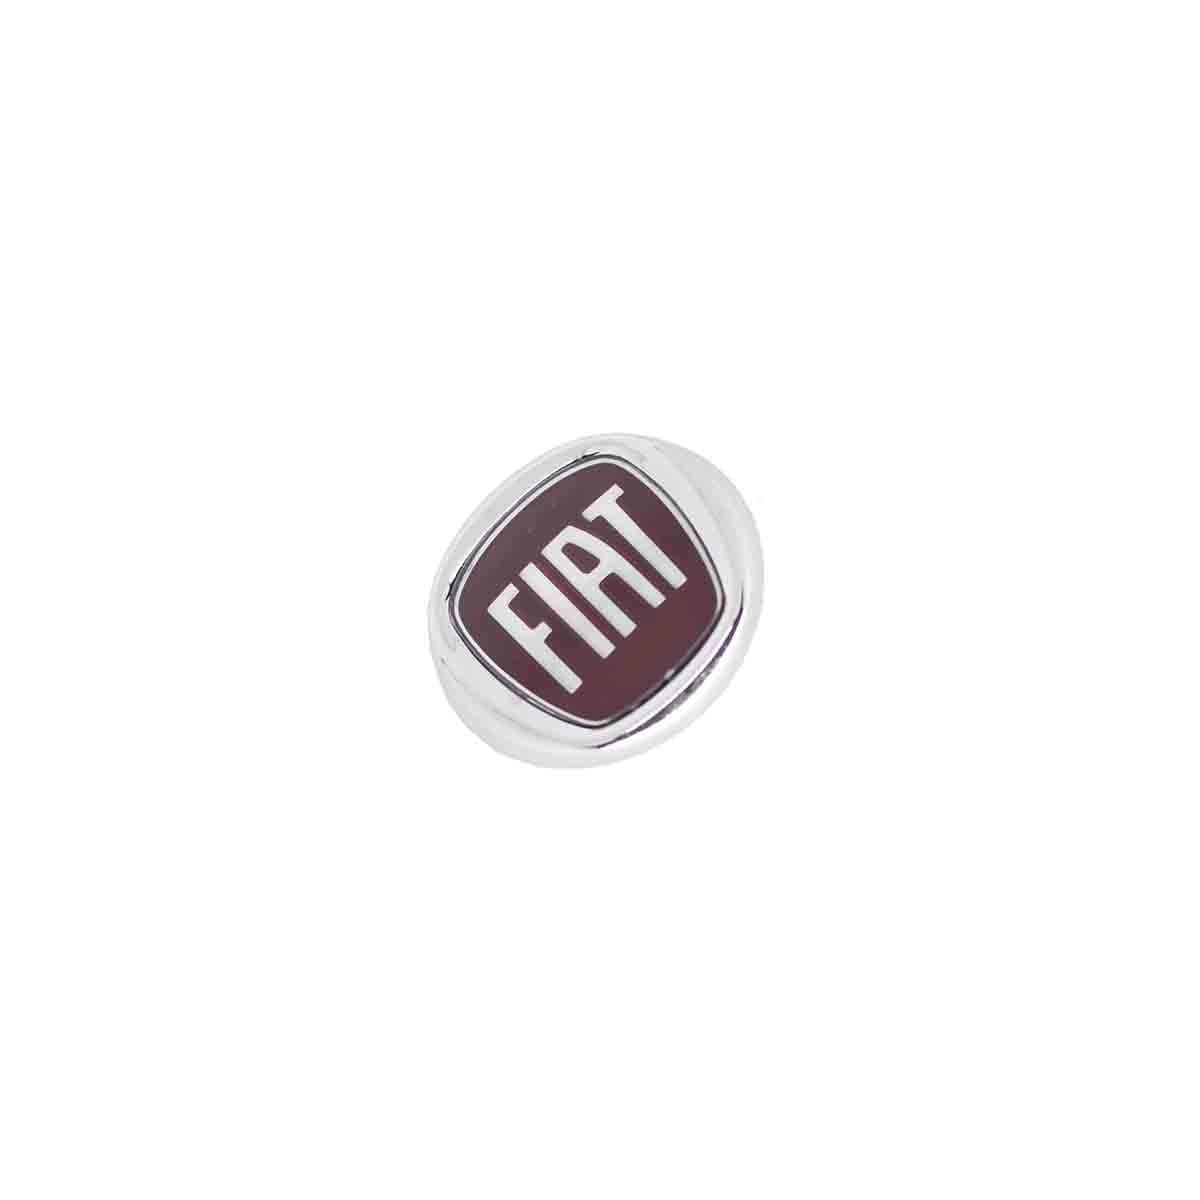 Emblema Porta Malas Uno 08 Vermelho